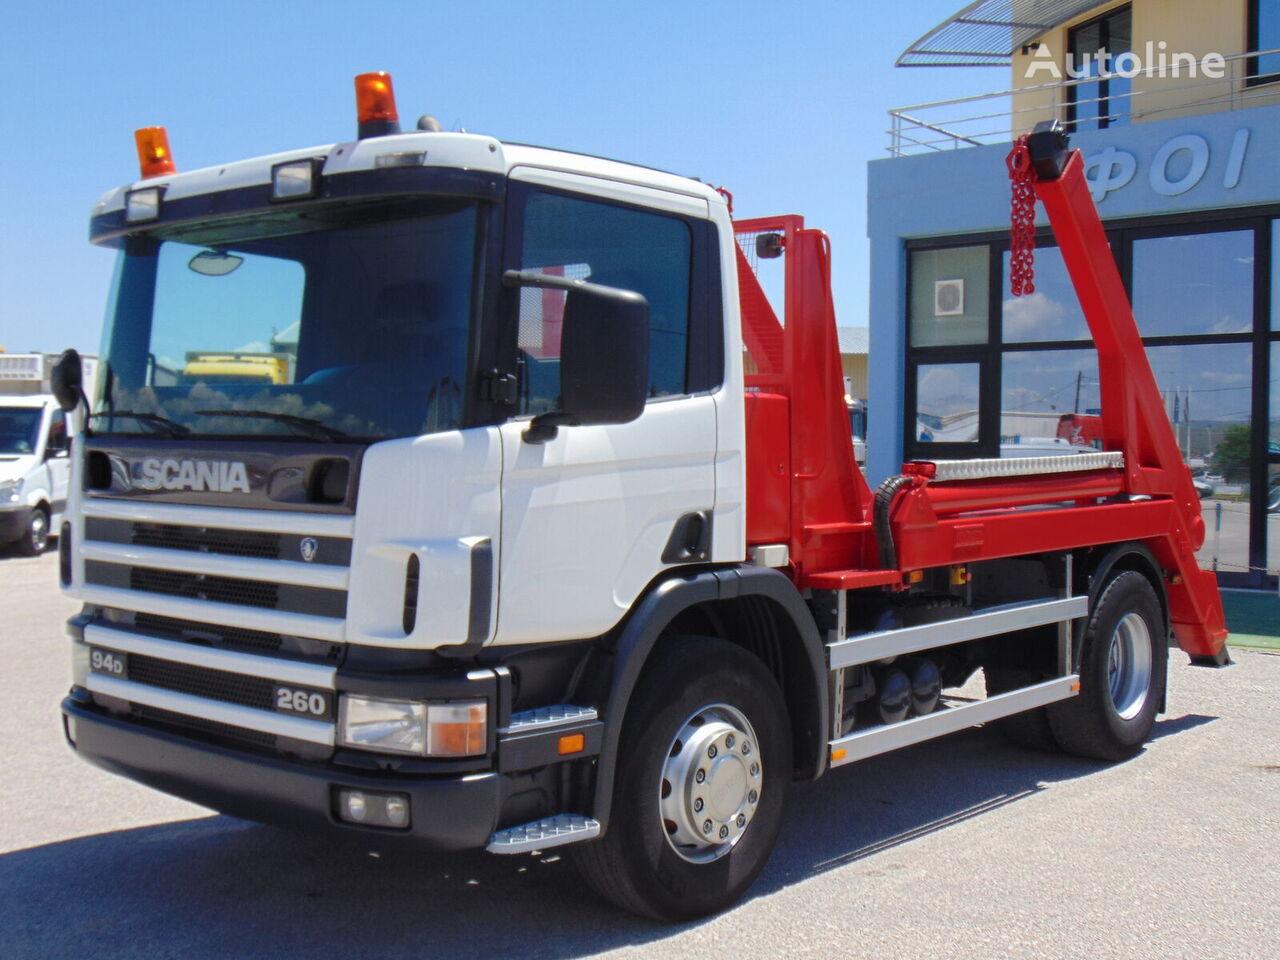 SCANIA 260-P 94 D skip loader truck